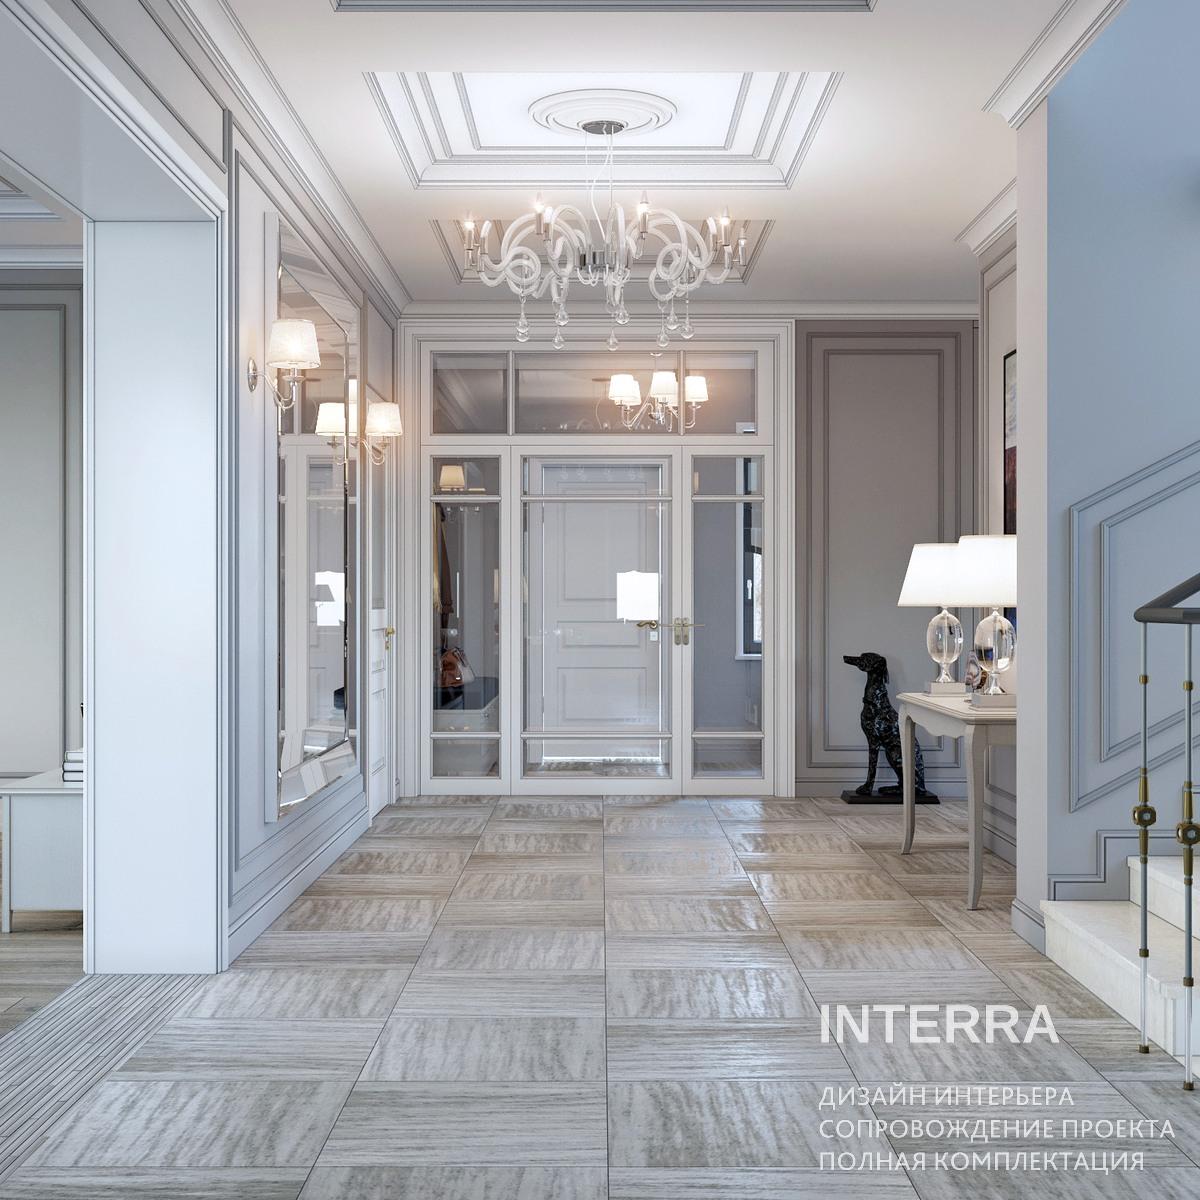 dizajn-interiera-chastnogo_doma_vesninka_1_21.jpg